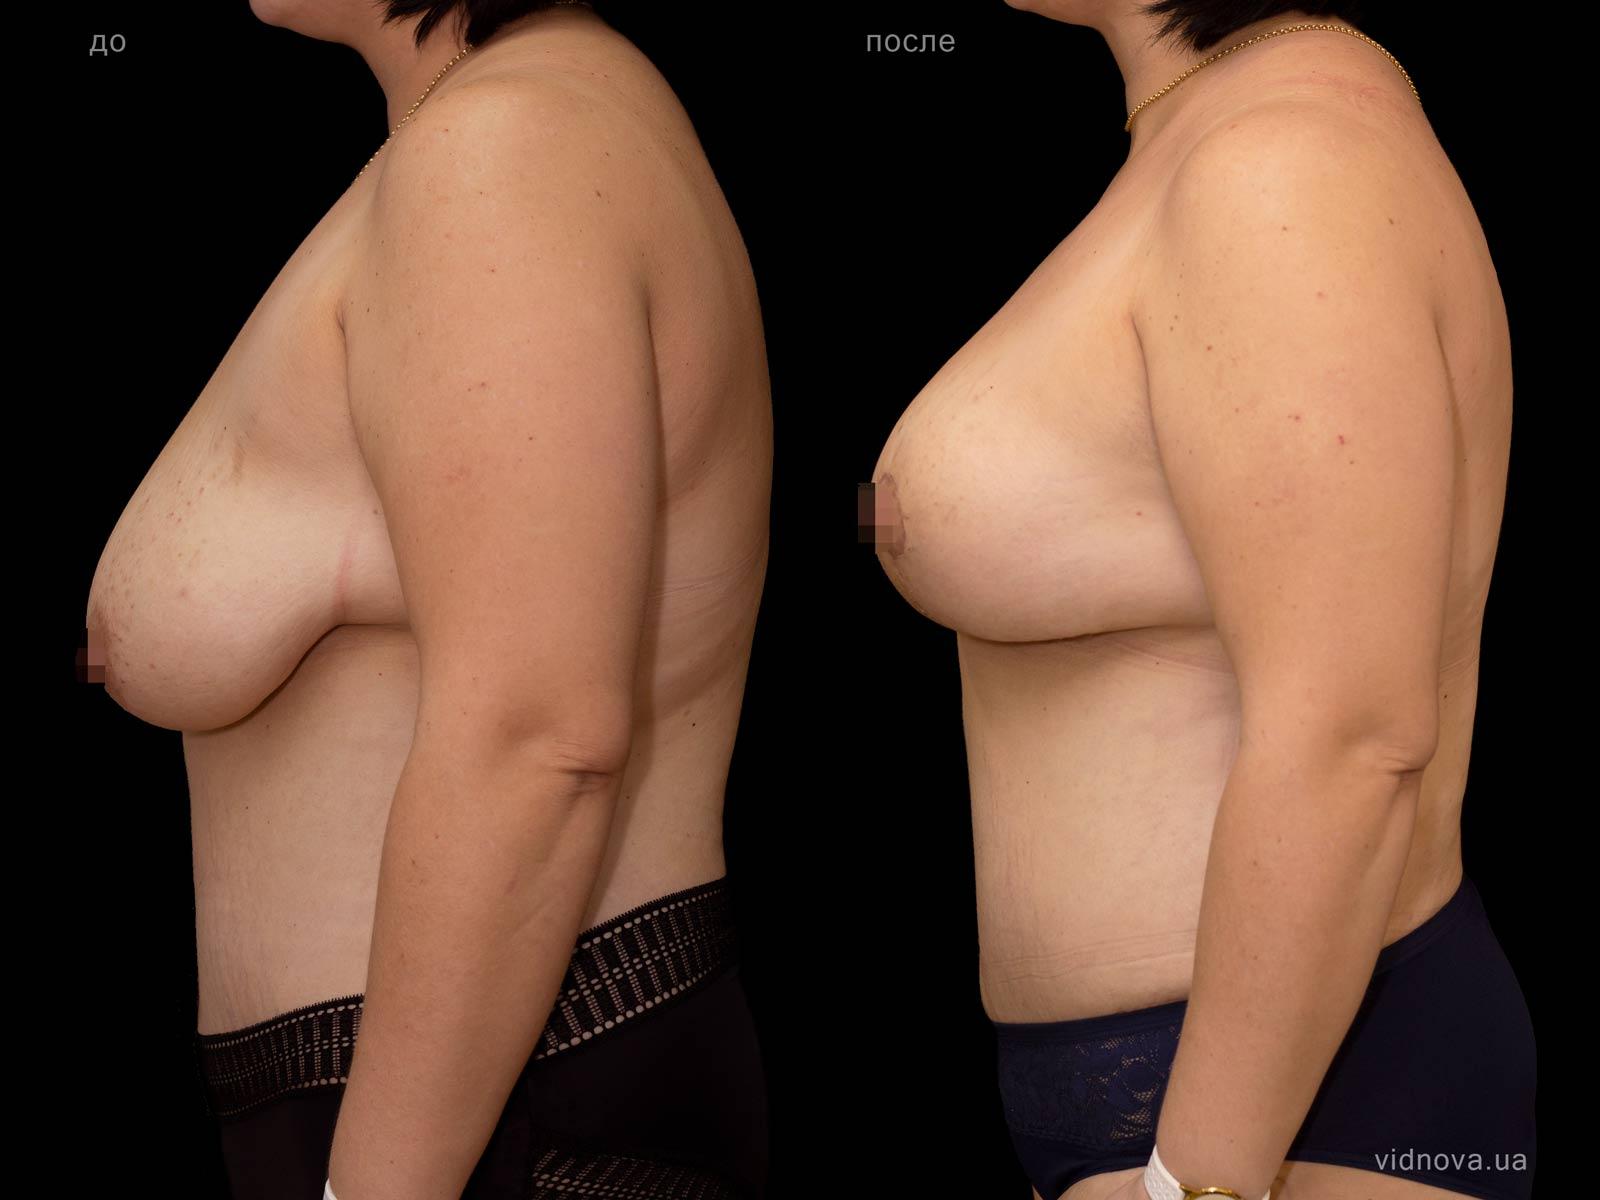 Пластика груди: результаты до и после - Пример №77-2 - Светлана Работенко